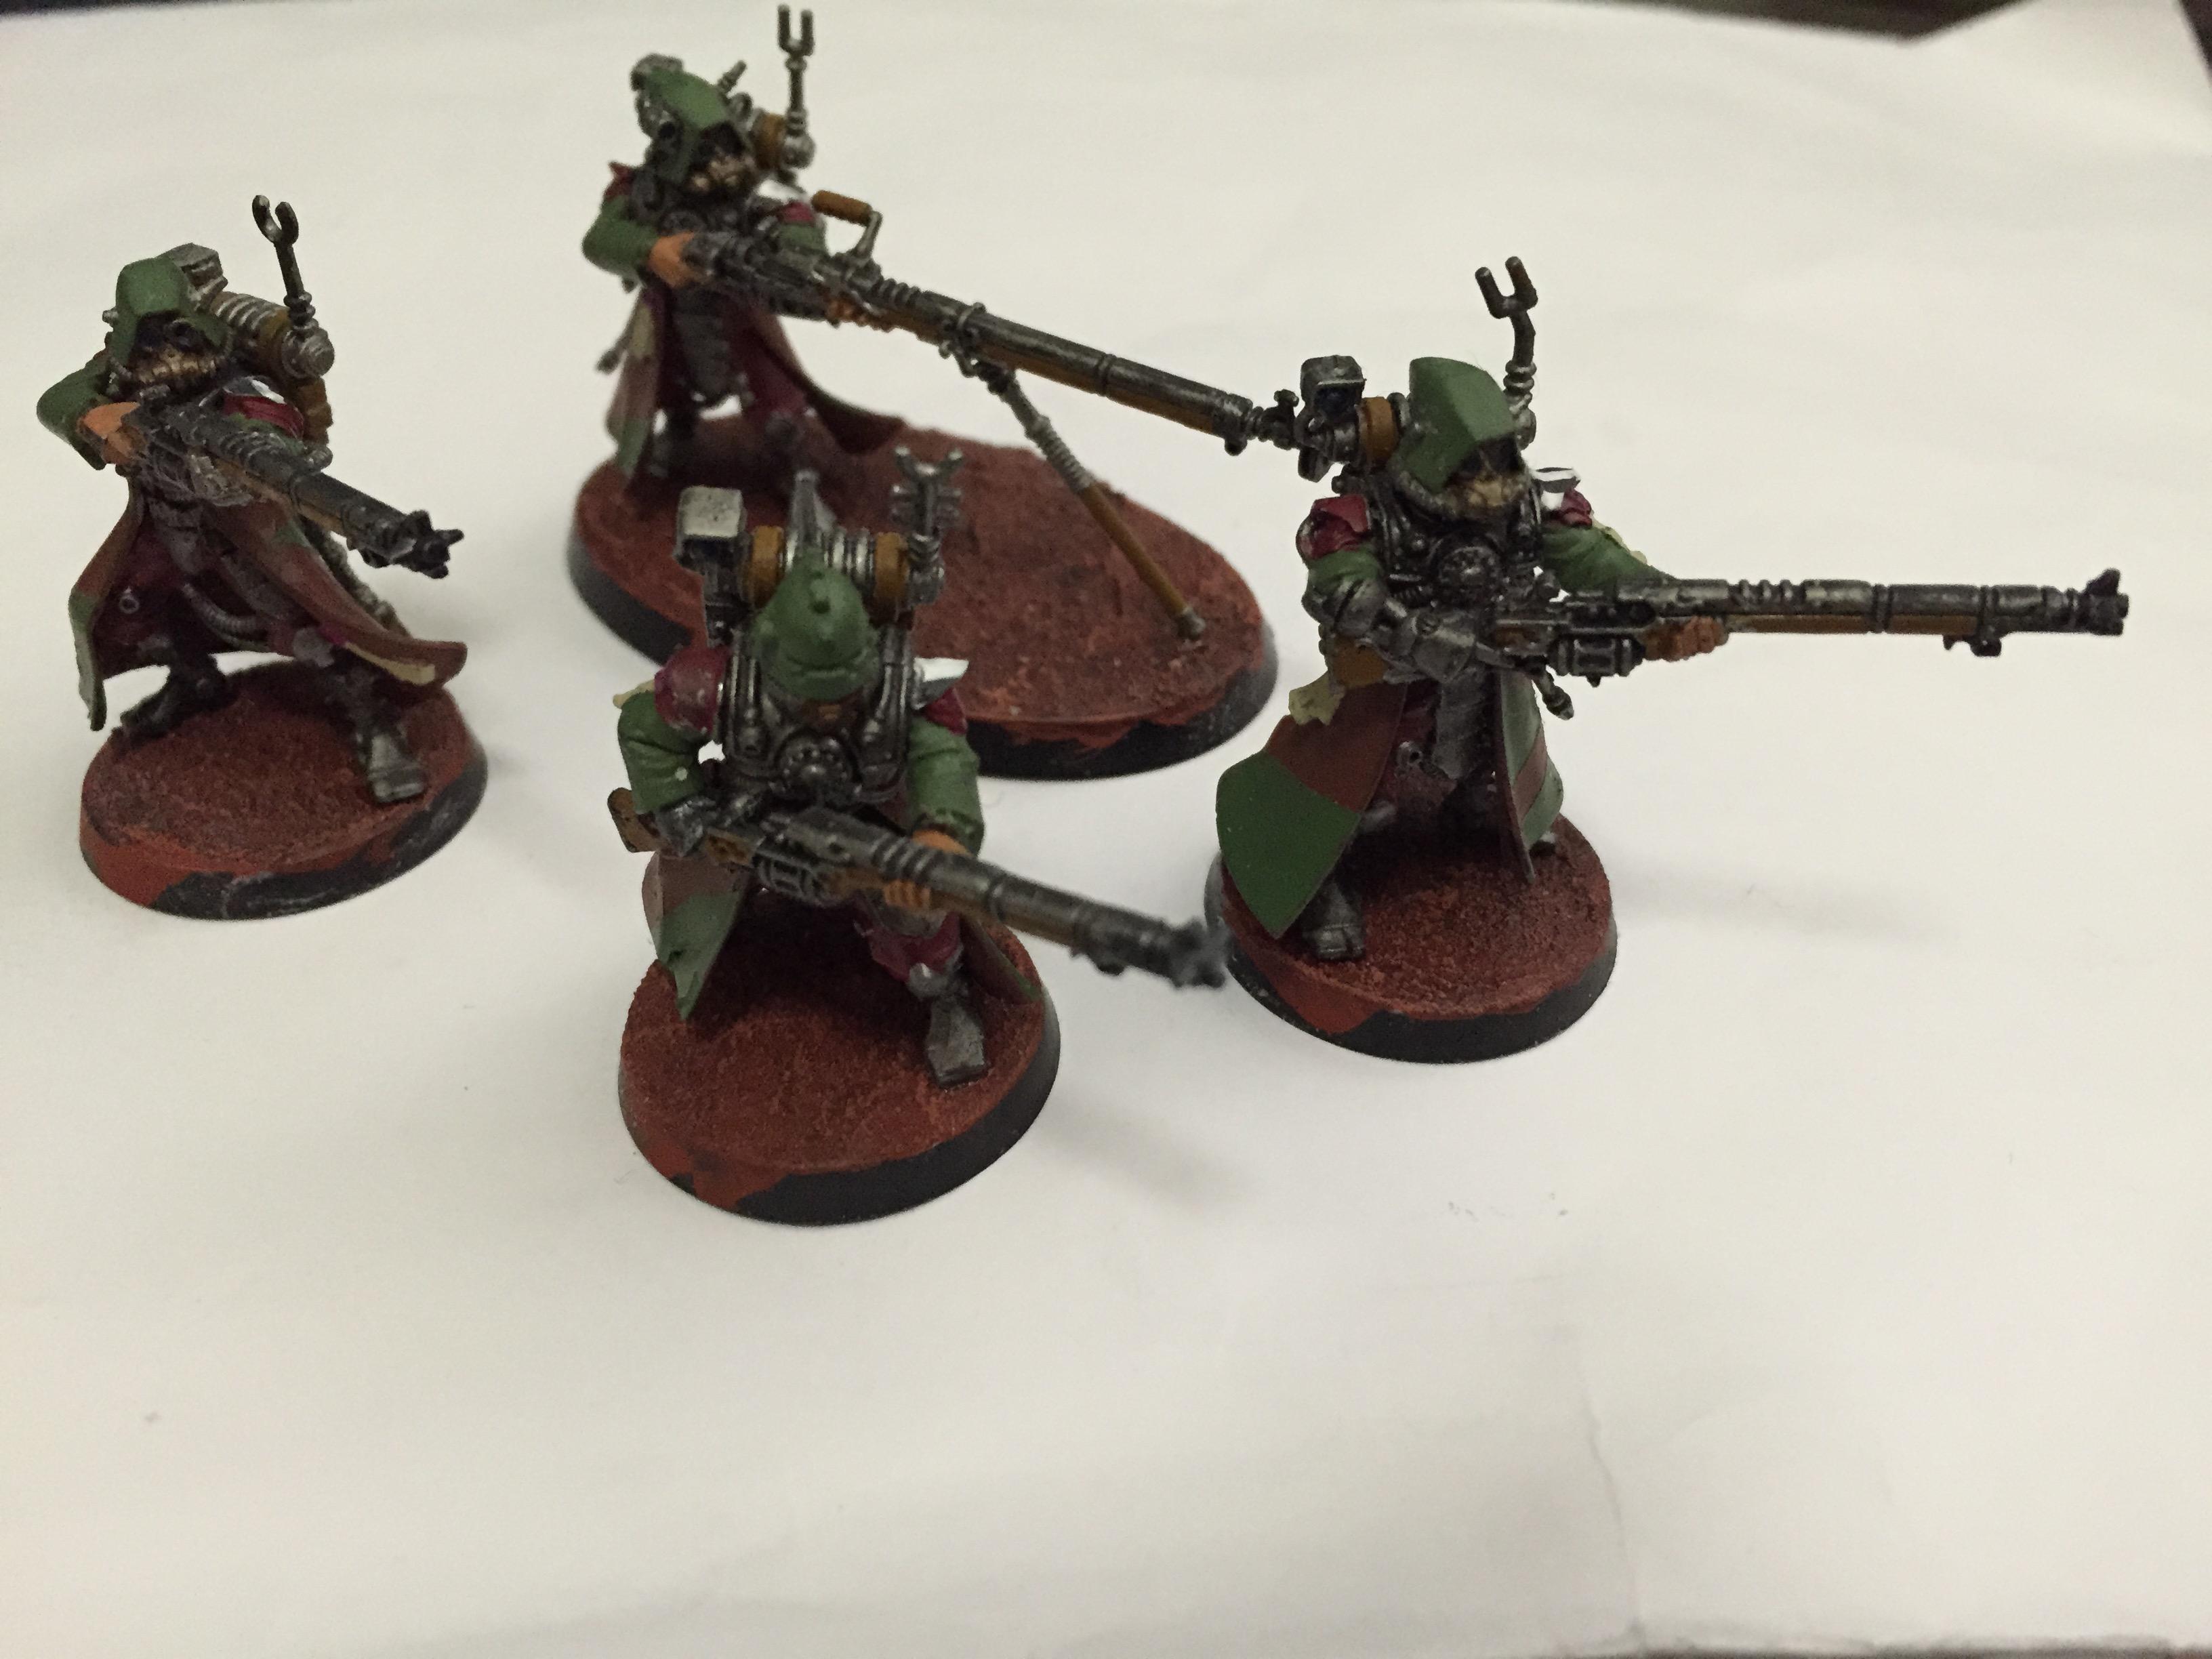 Adeptus Mechanicus, Admech, Camouflage, Rangers, Skitarii, Warhammer 40,000